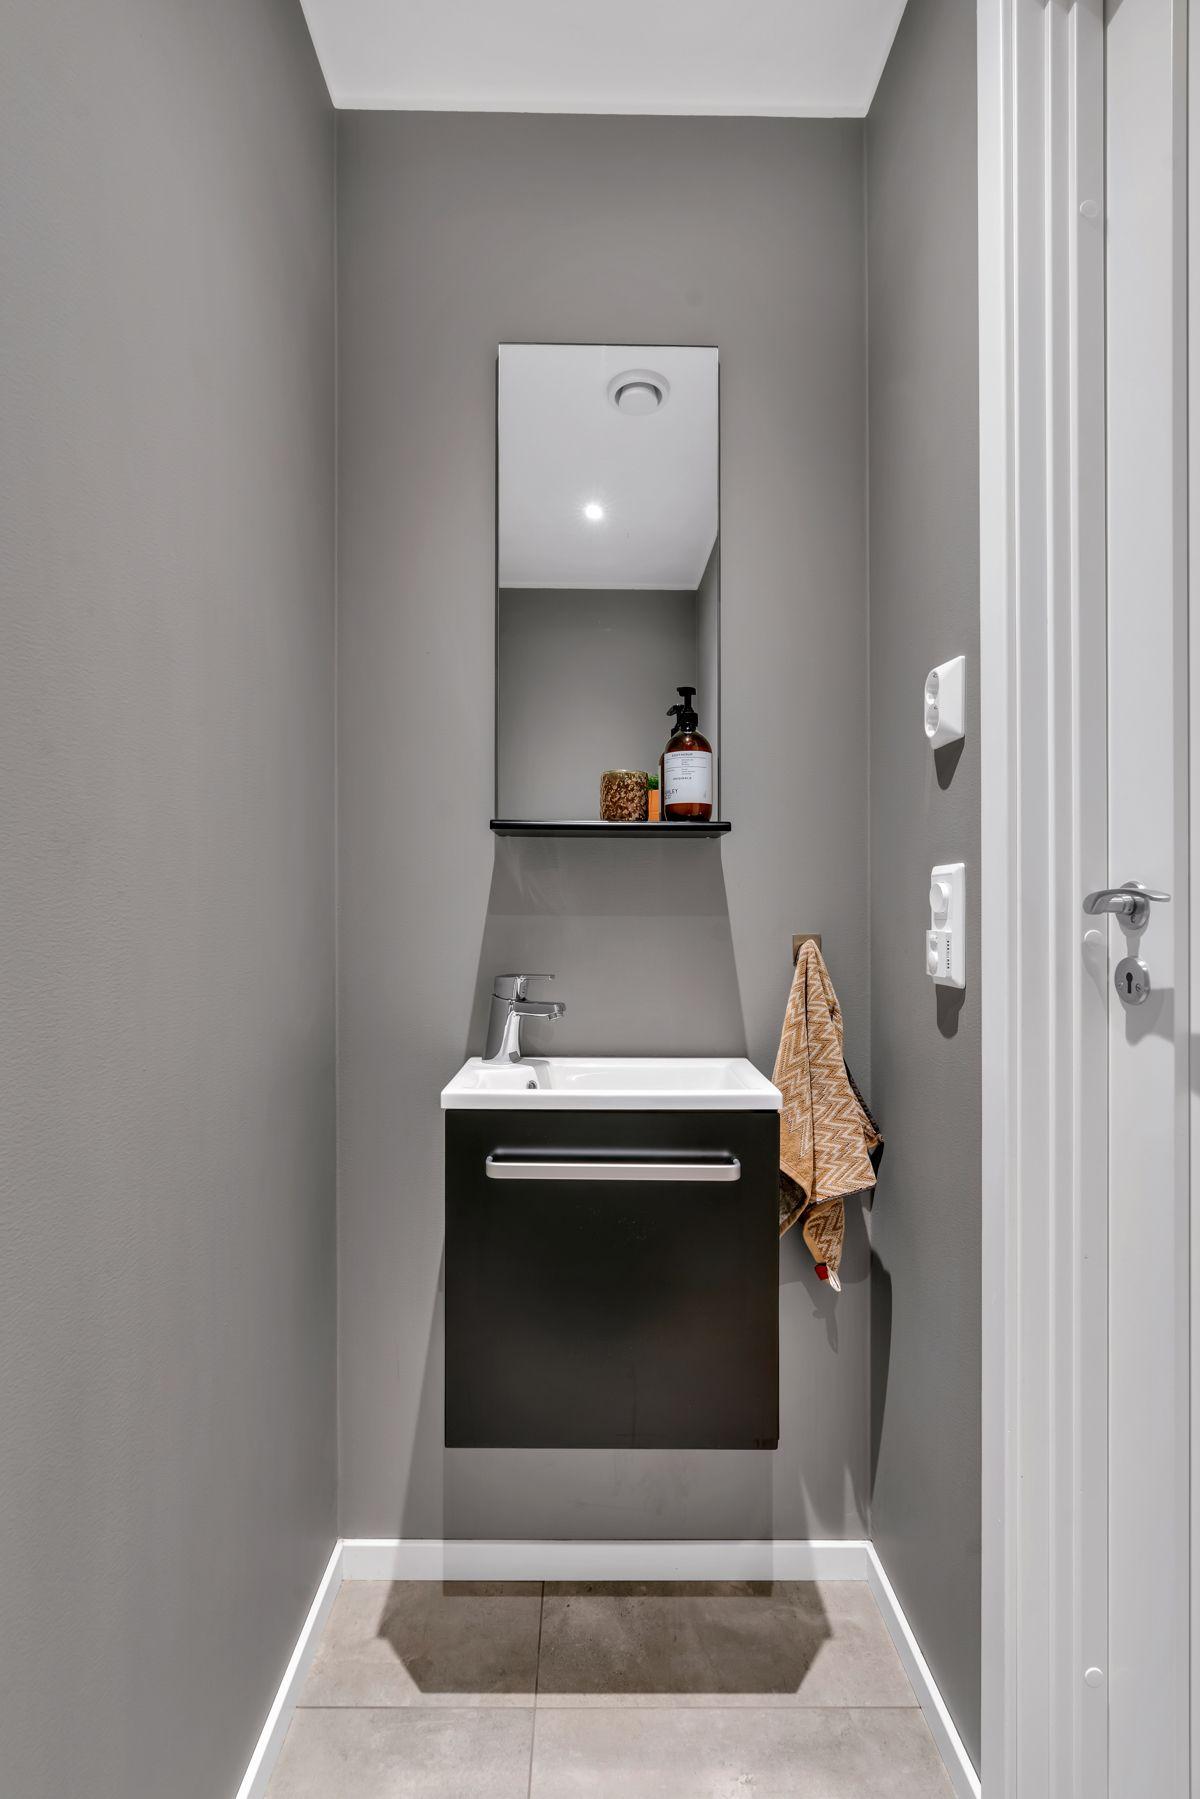 Hektnerhagan 164 Innredningen består av servant med skap under, speil på vegg og toalett.